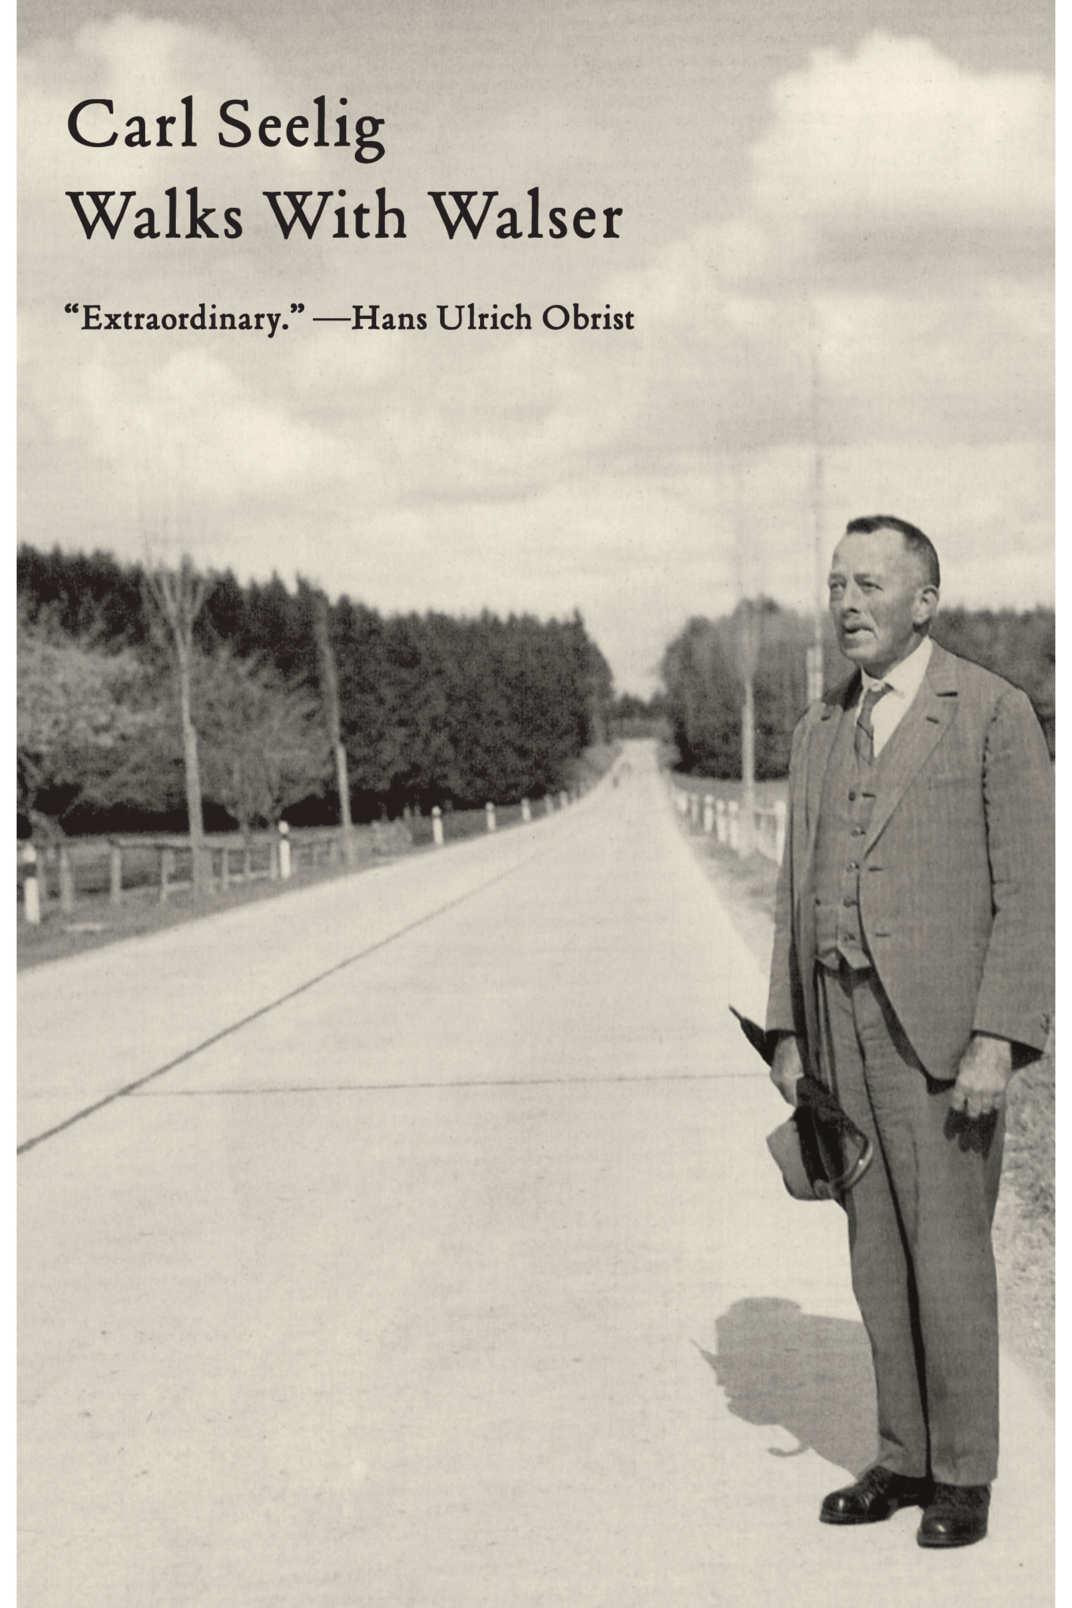 <em>Walks With Walser</em> by Carl Seelig